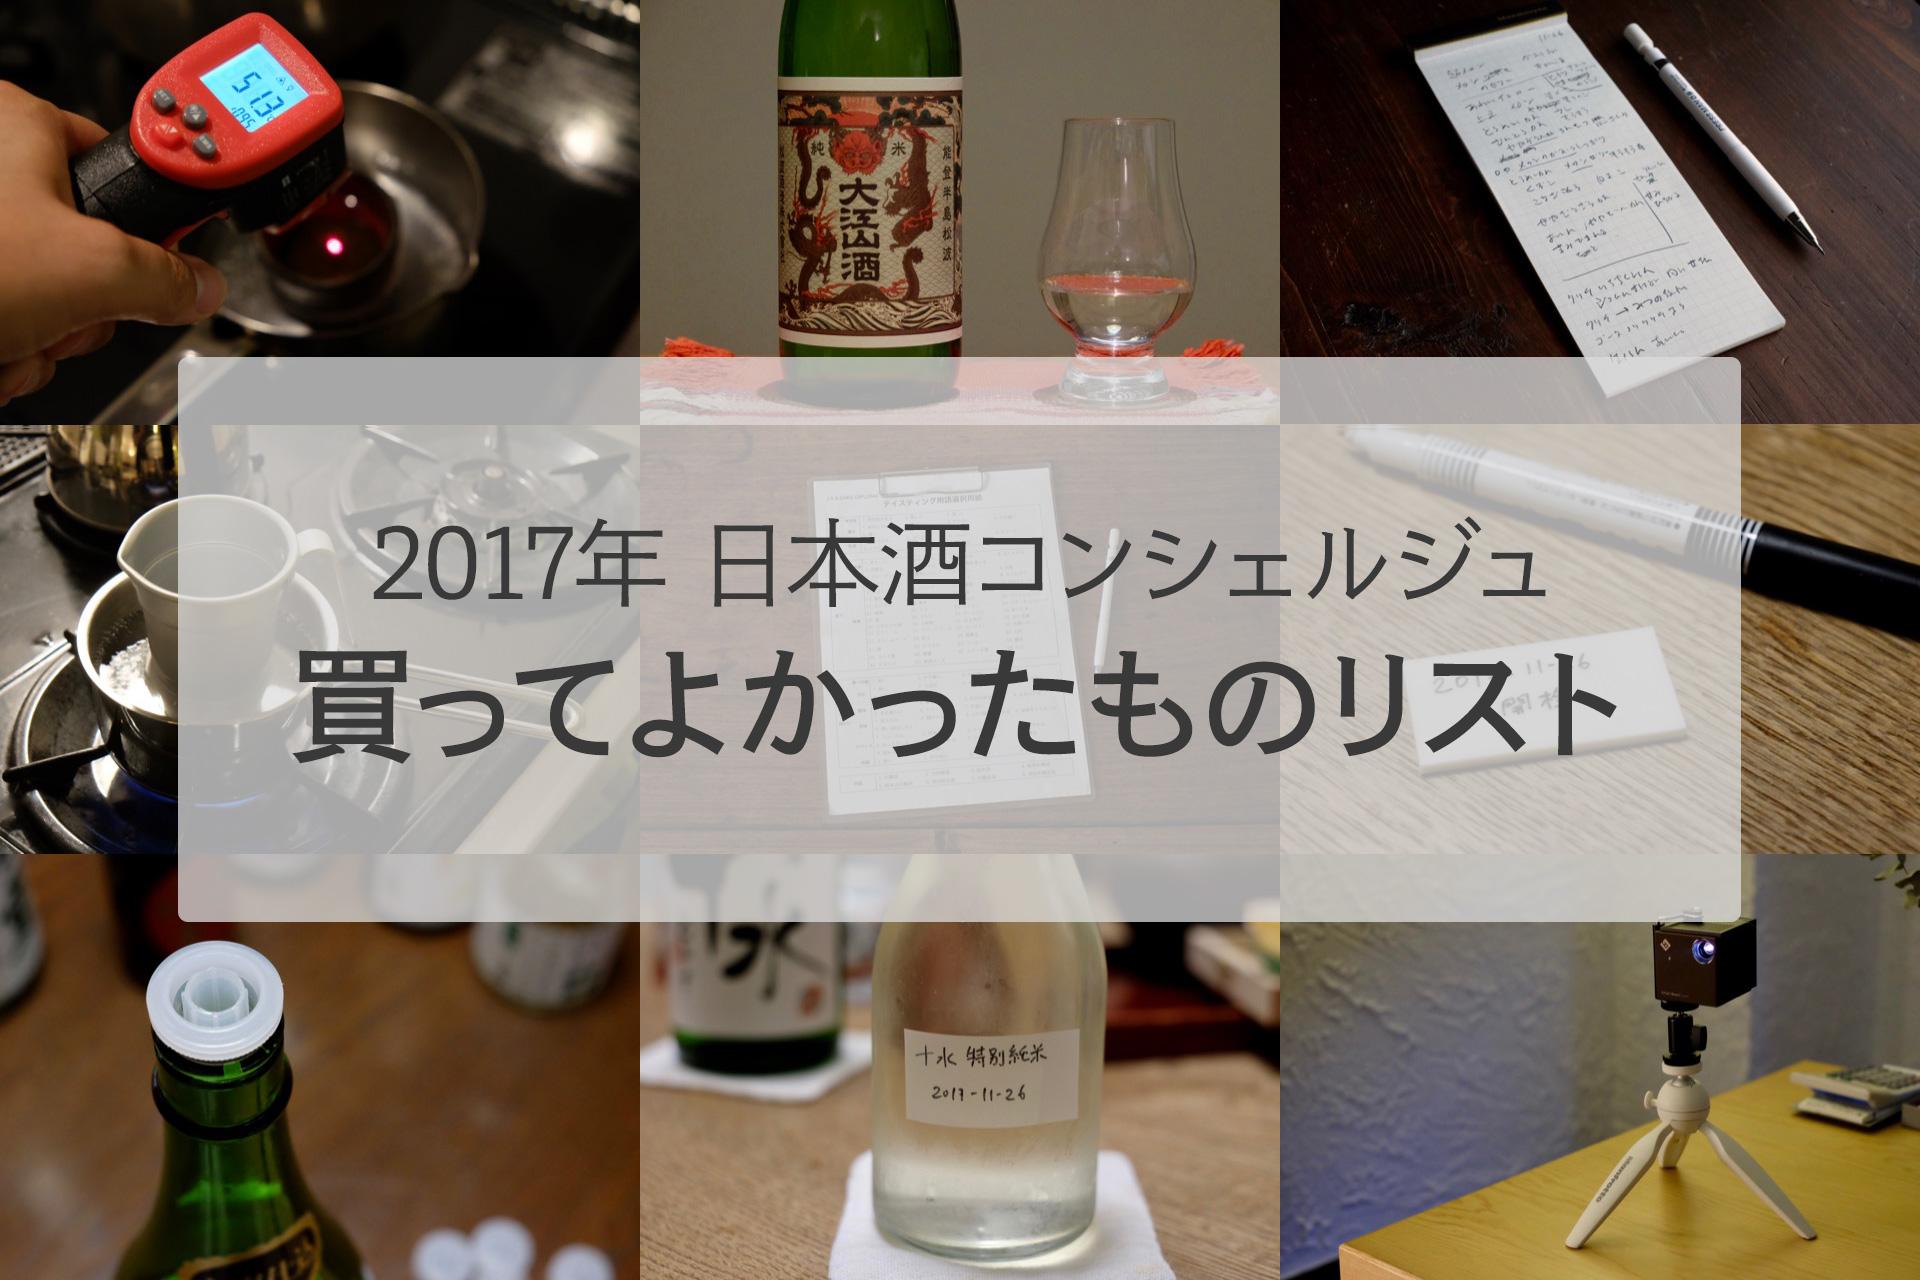 日本酒コンシェルジュが選ぶ「2017年買ってよかったもの」7選